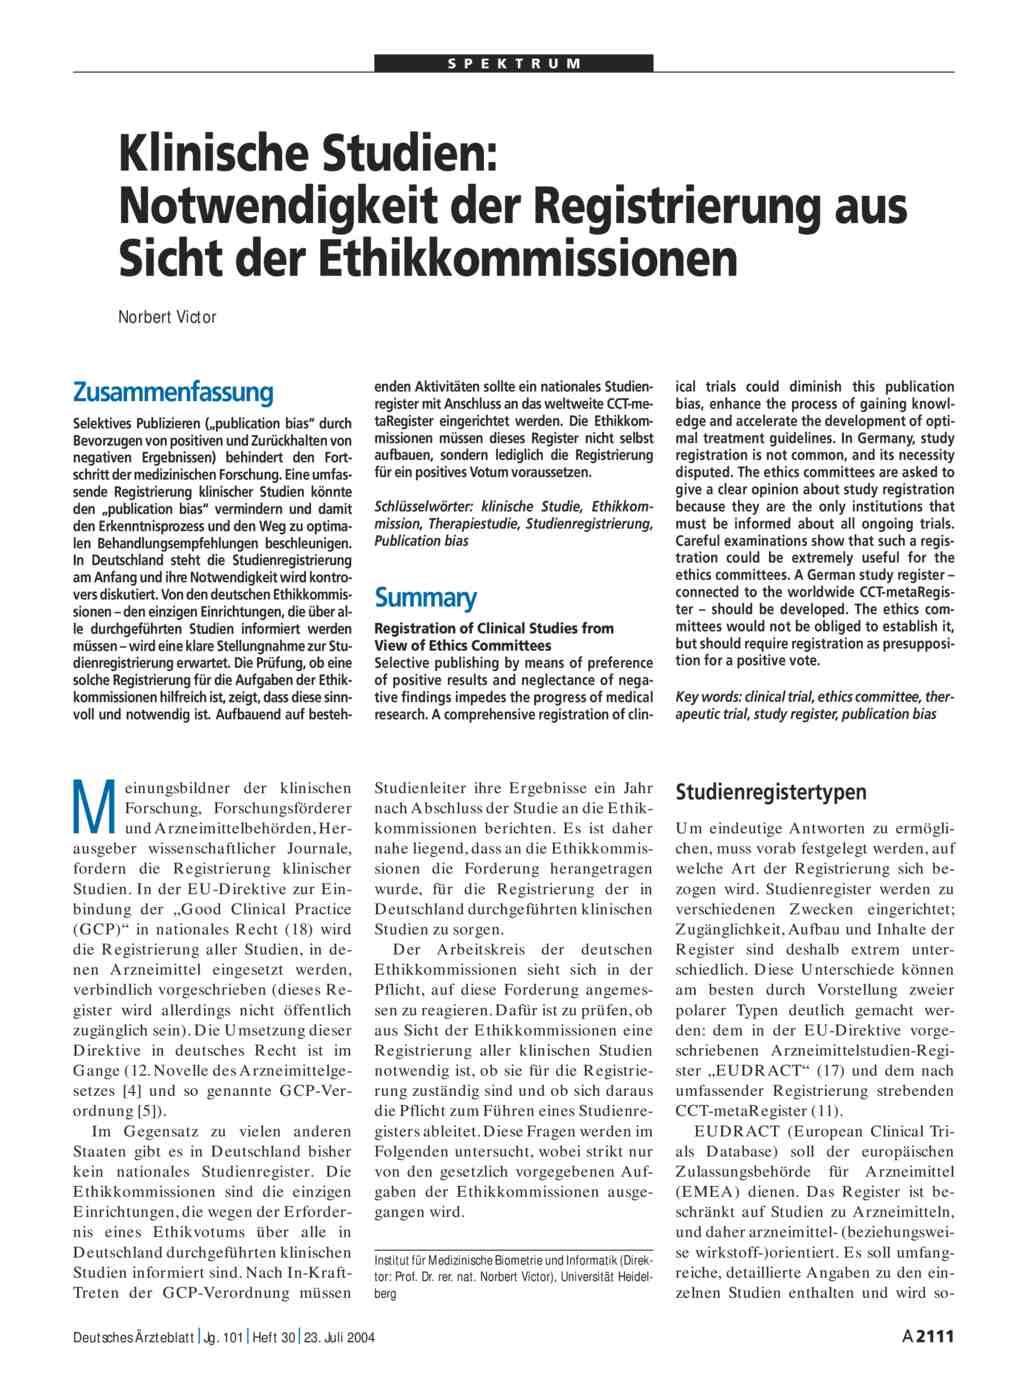 Klinische Studien: Notwendigkeit der Registrierung aus Sicht der ...